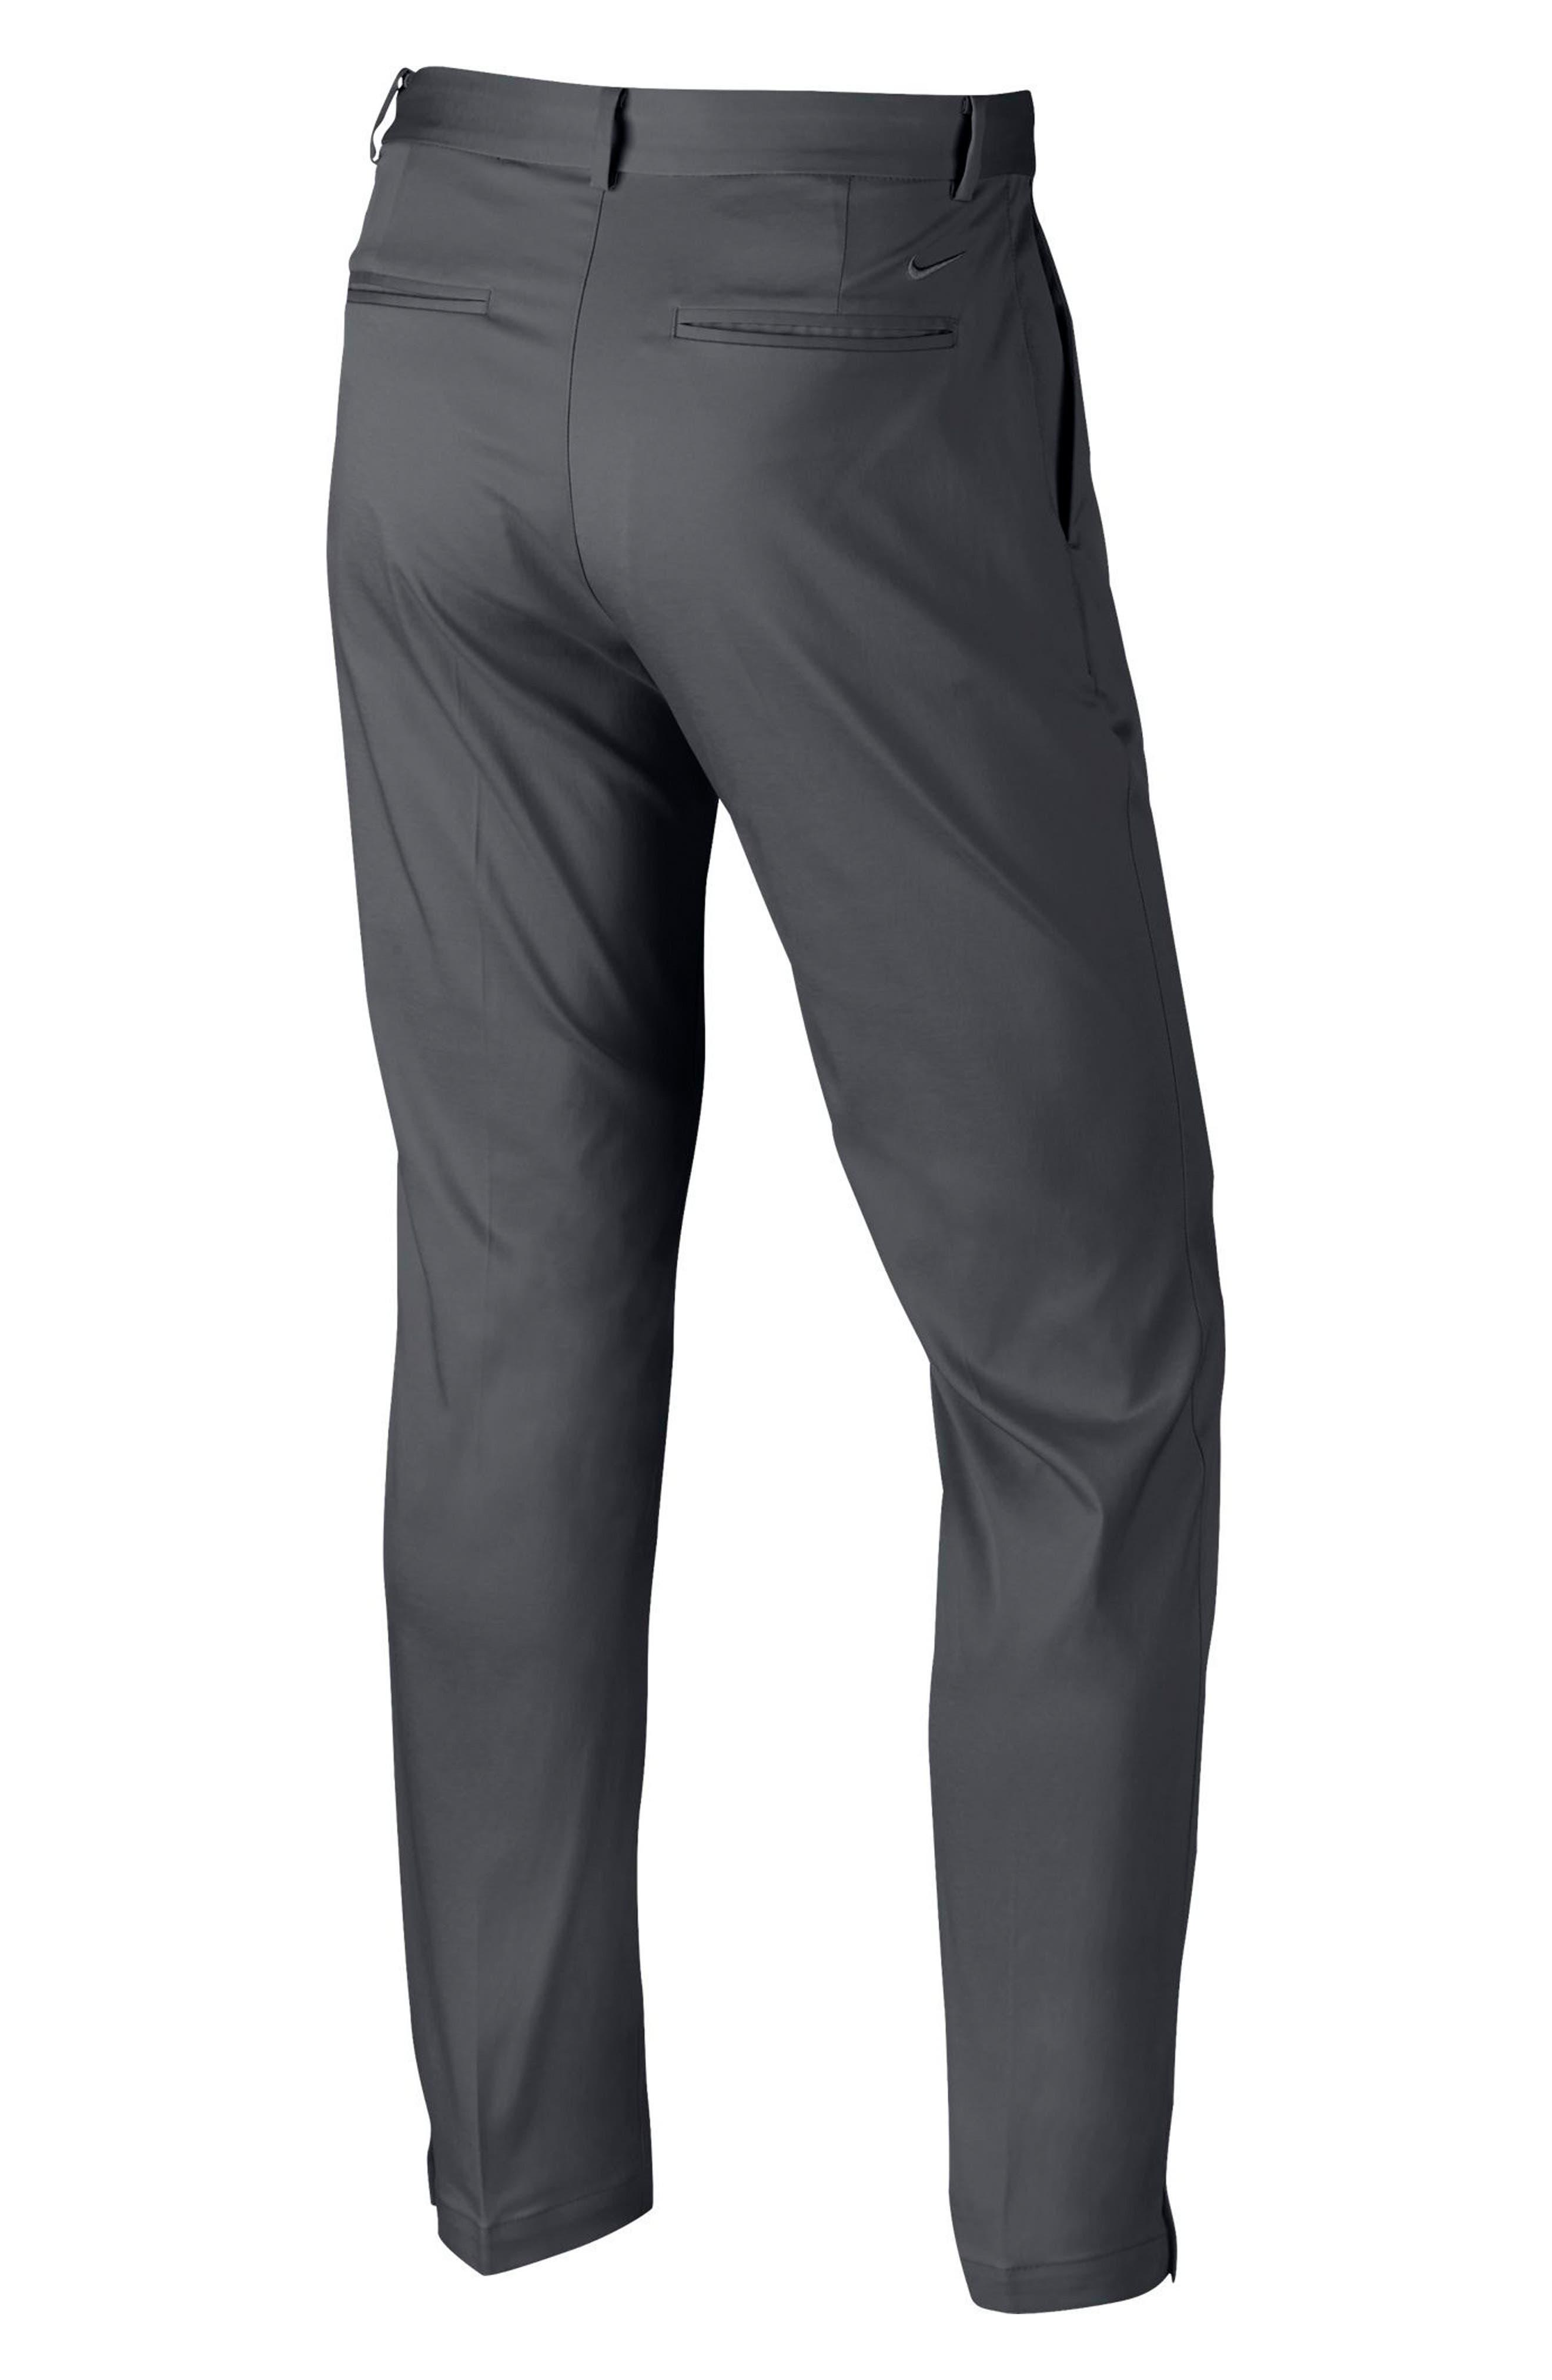 Flat Front Dri-FIT Tech Golf Pants,                             Alternate thumbnail 51, color,